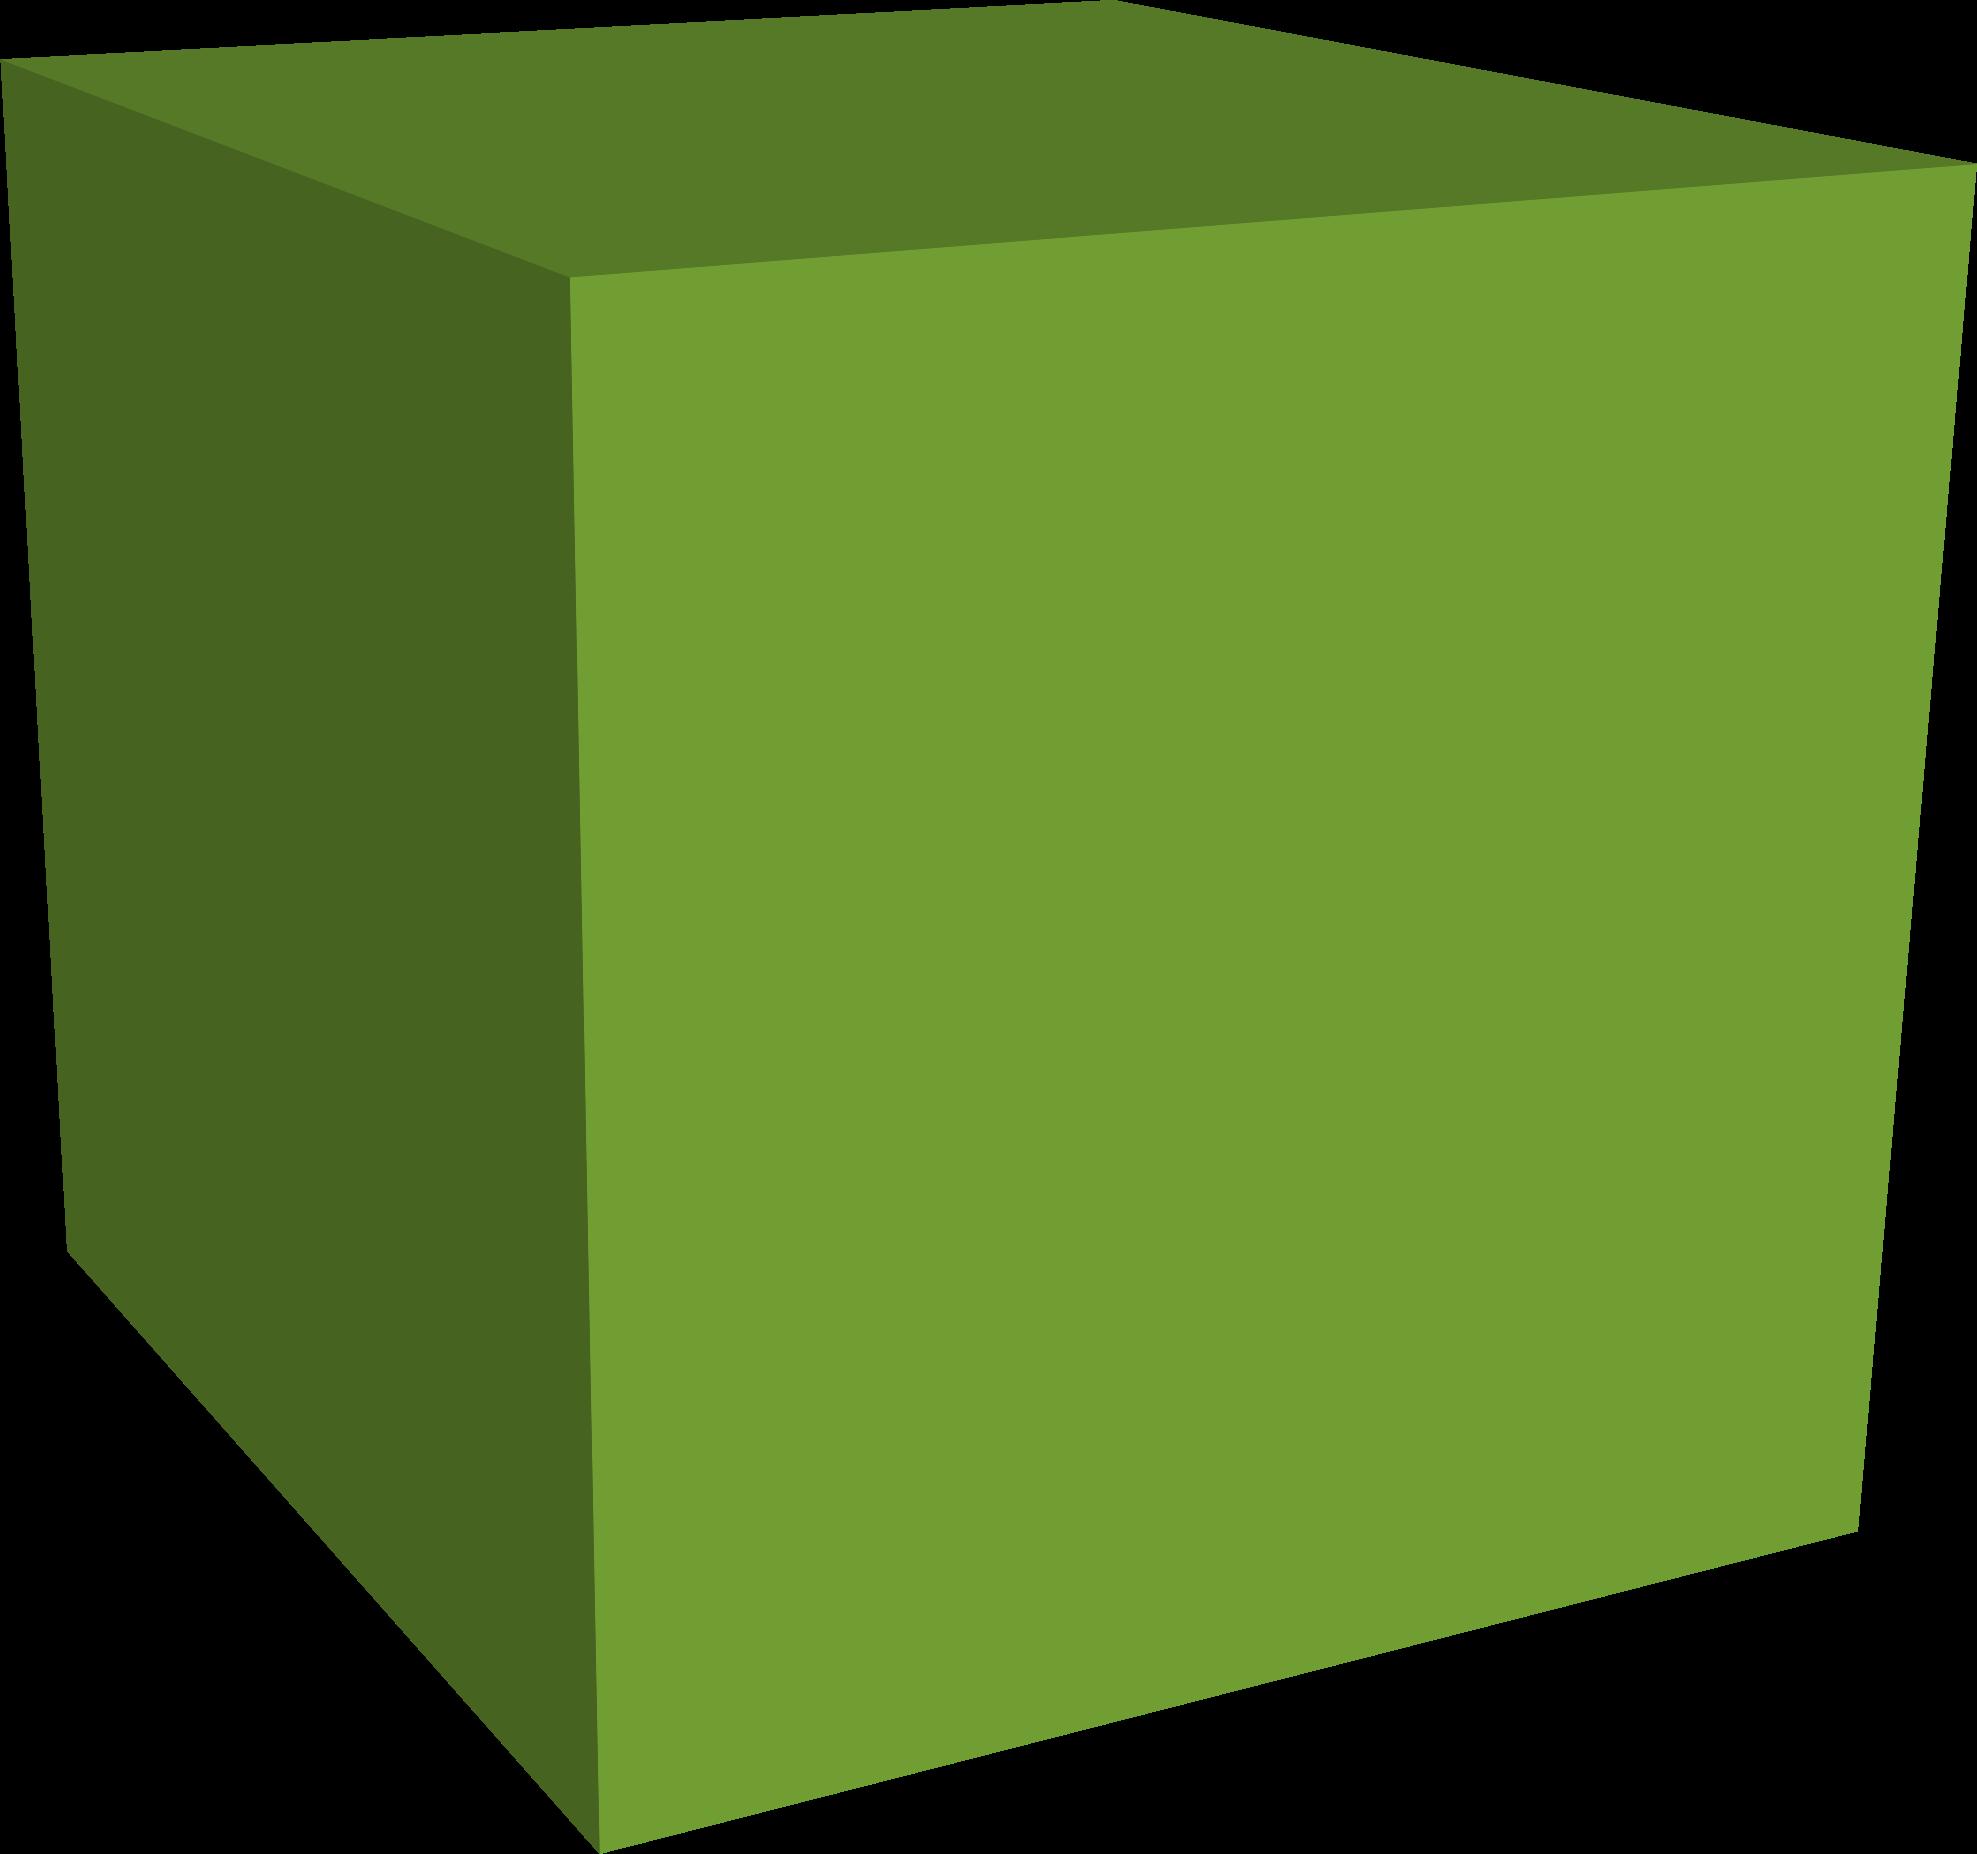 Block clipart cube. Green big image png